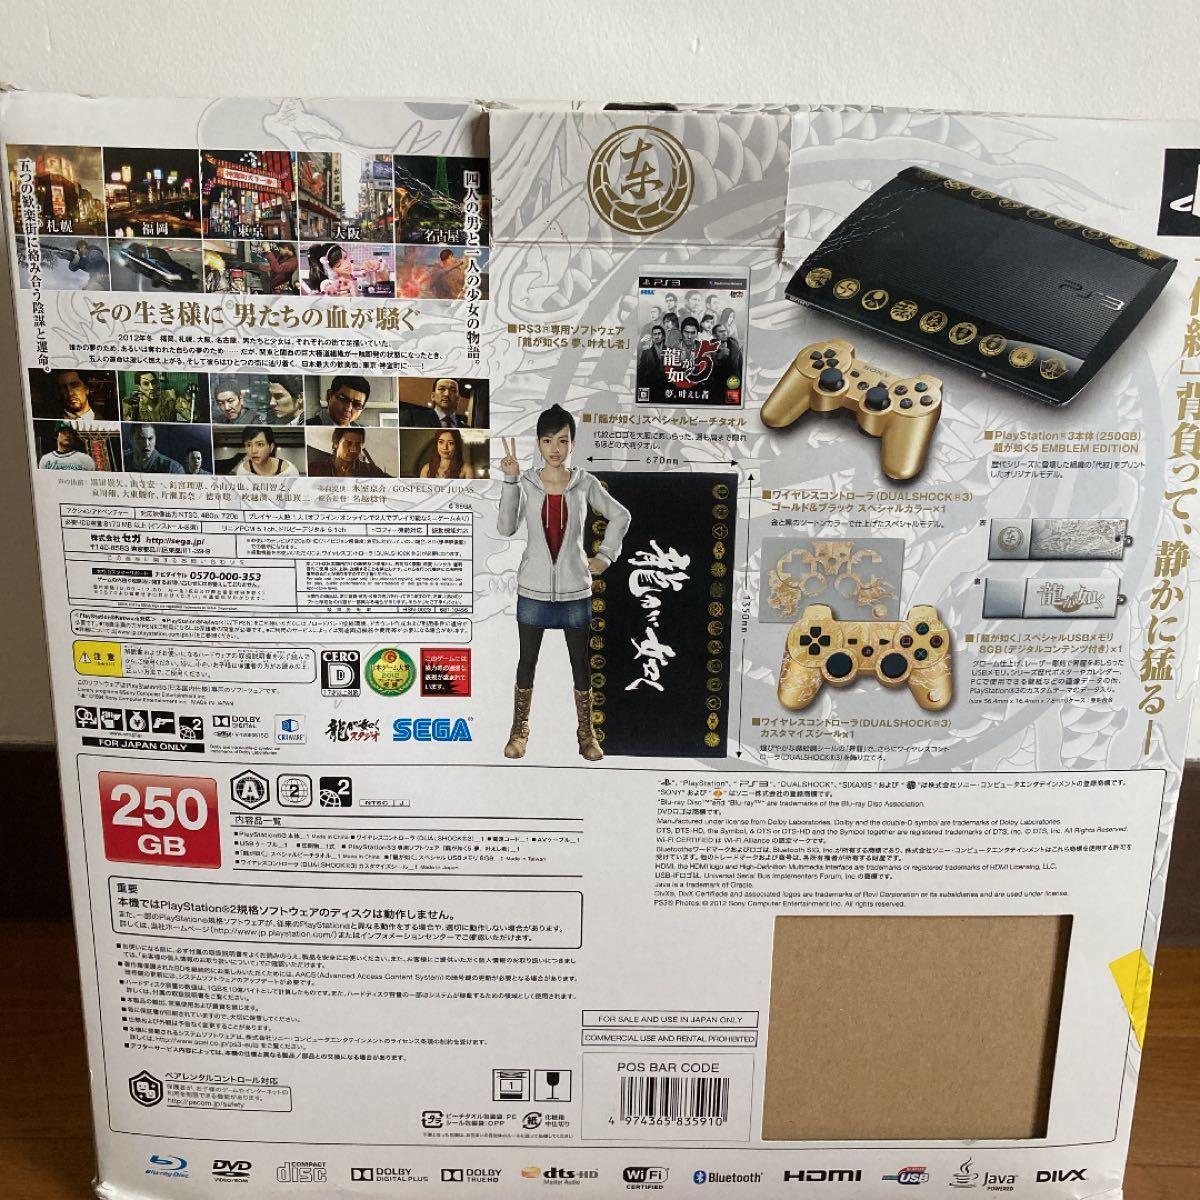 PLAYSTATION 3 「龍が如く3」昇り龍パック メーカー生産終了